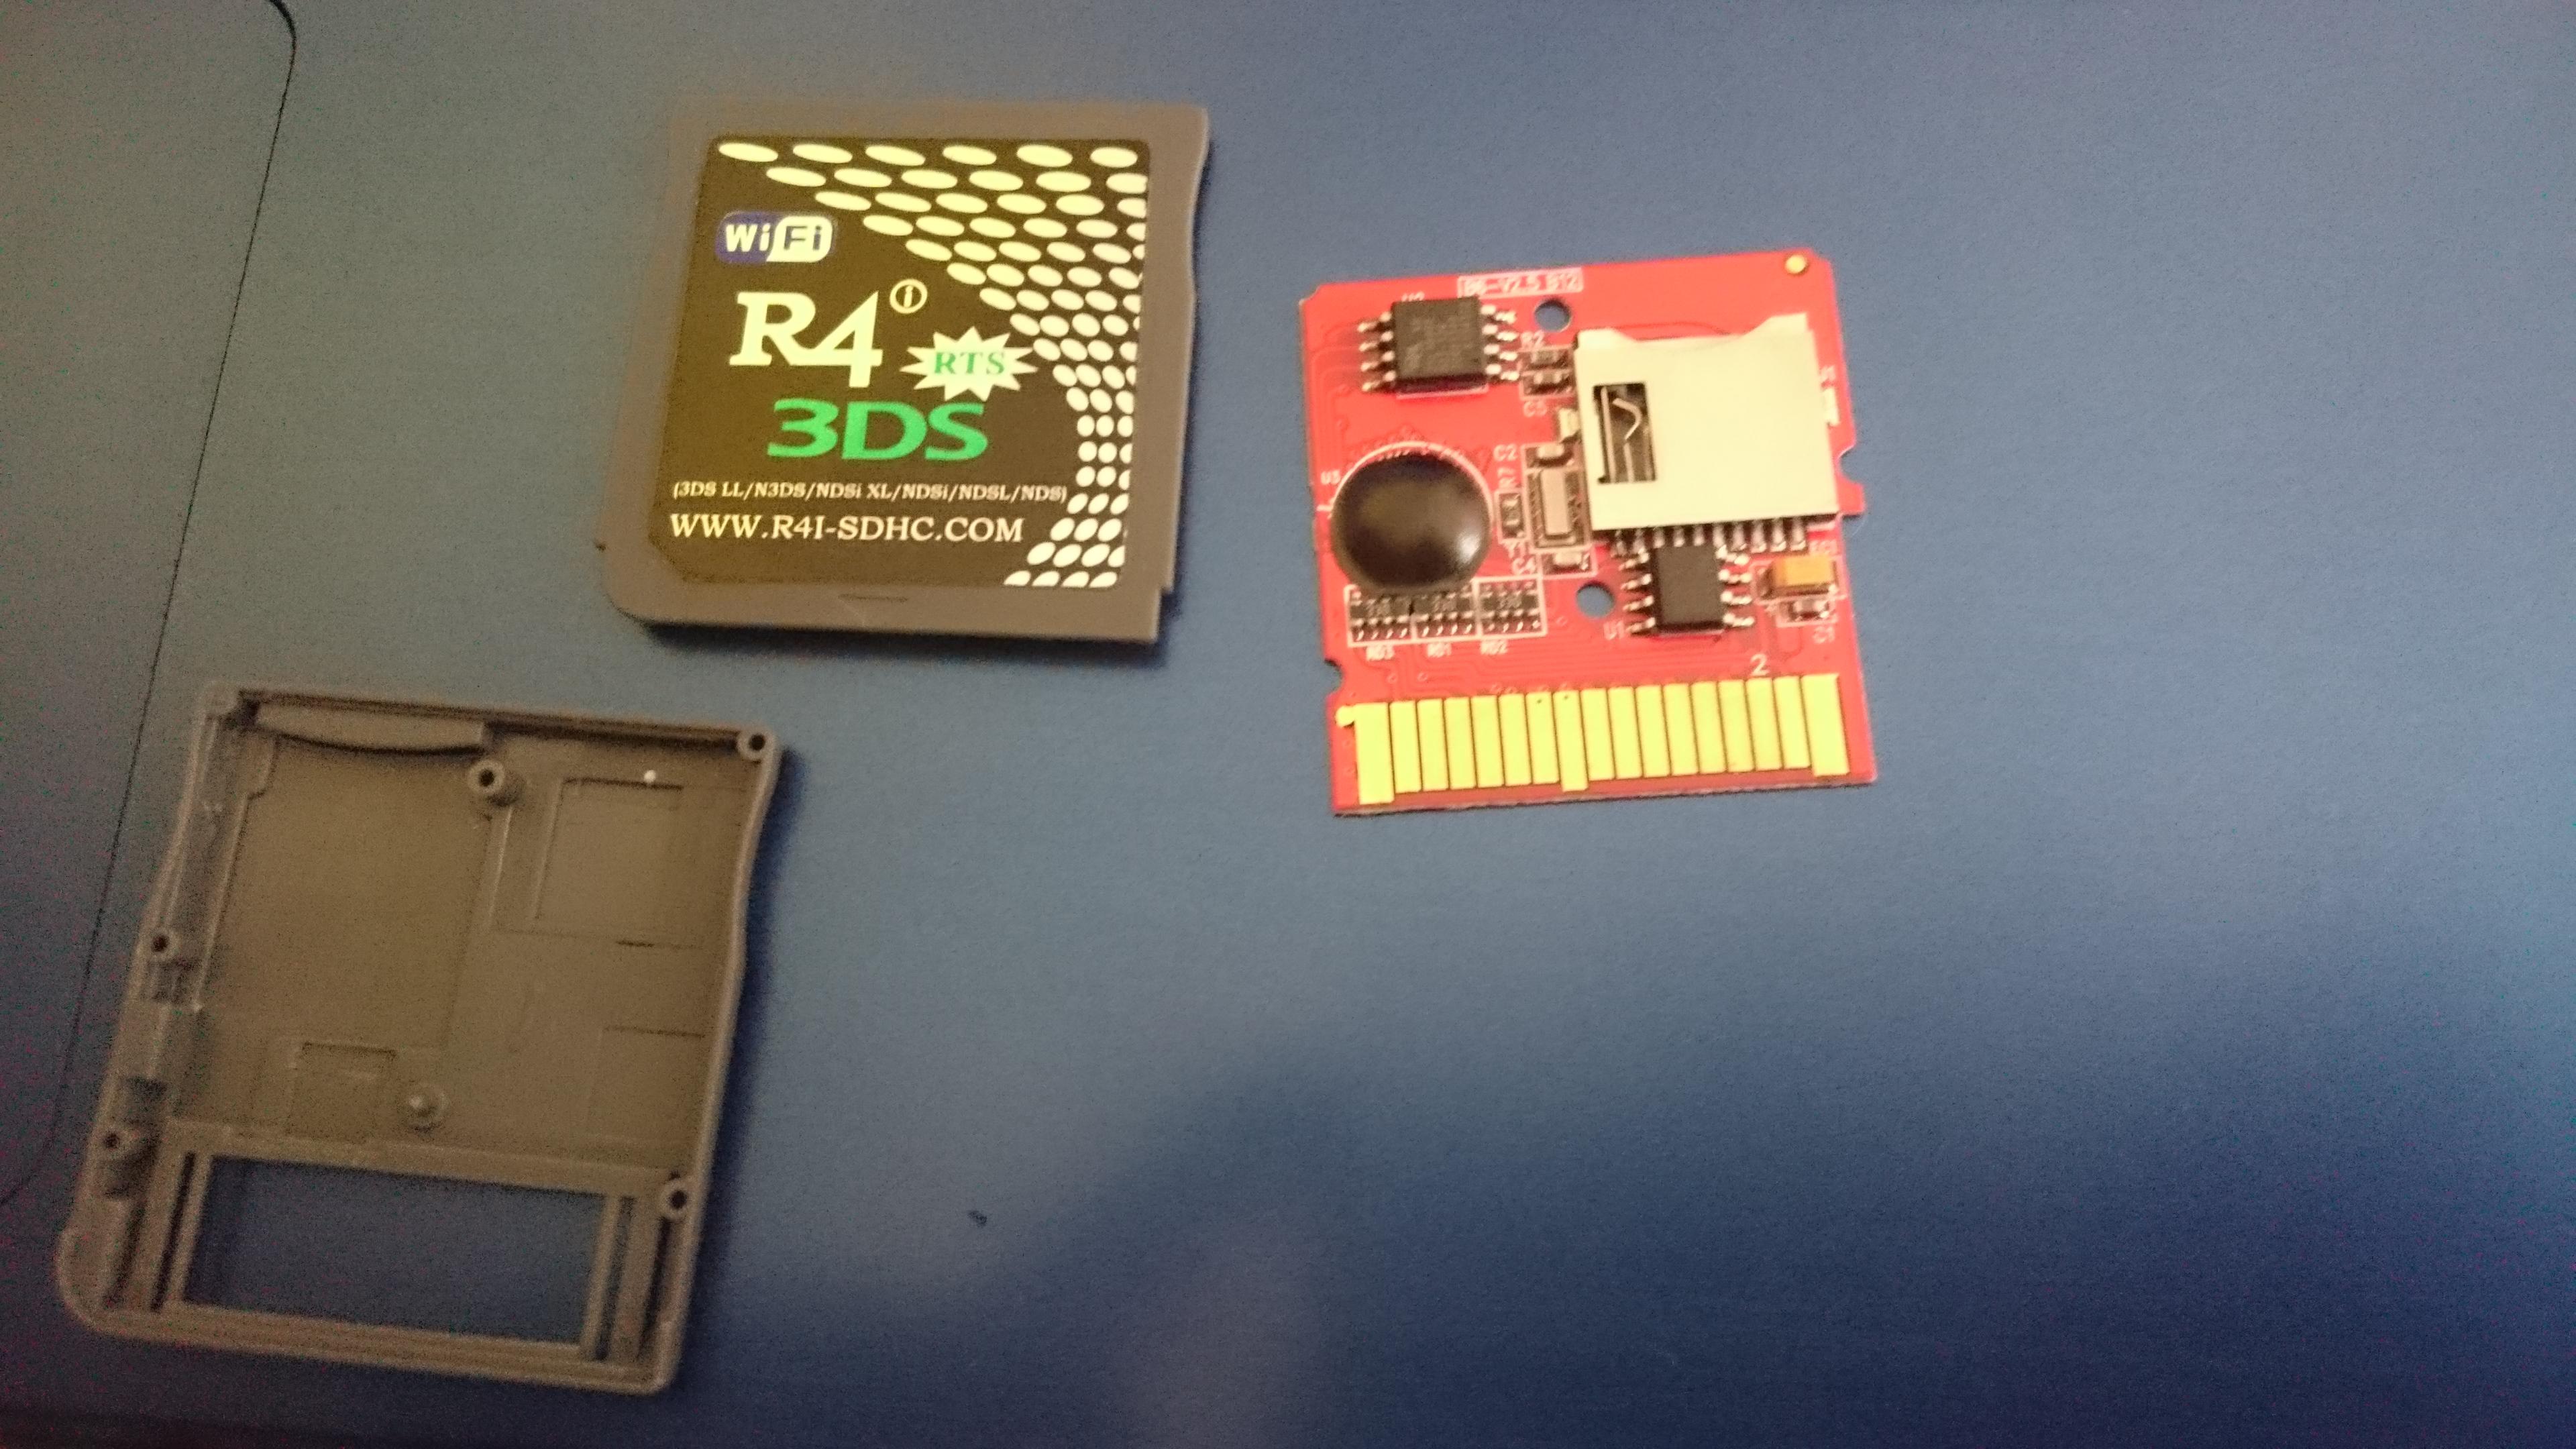 R4i SDHC 3DS Wifi (r4i-sdhc com) · Issue #14 · ntrteam